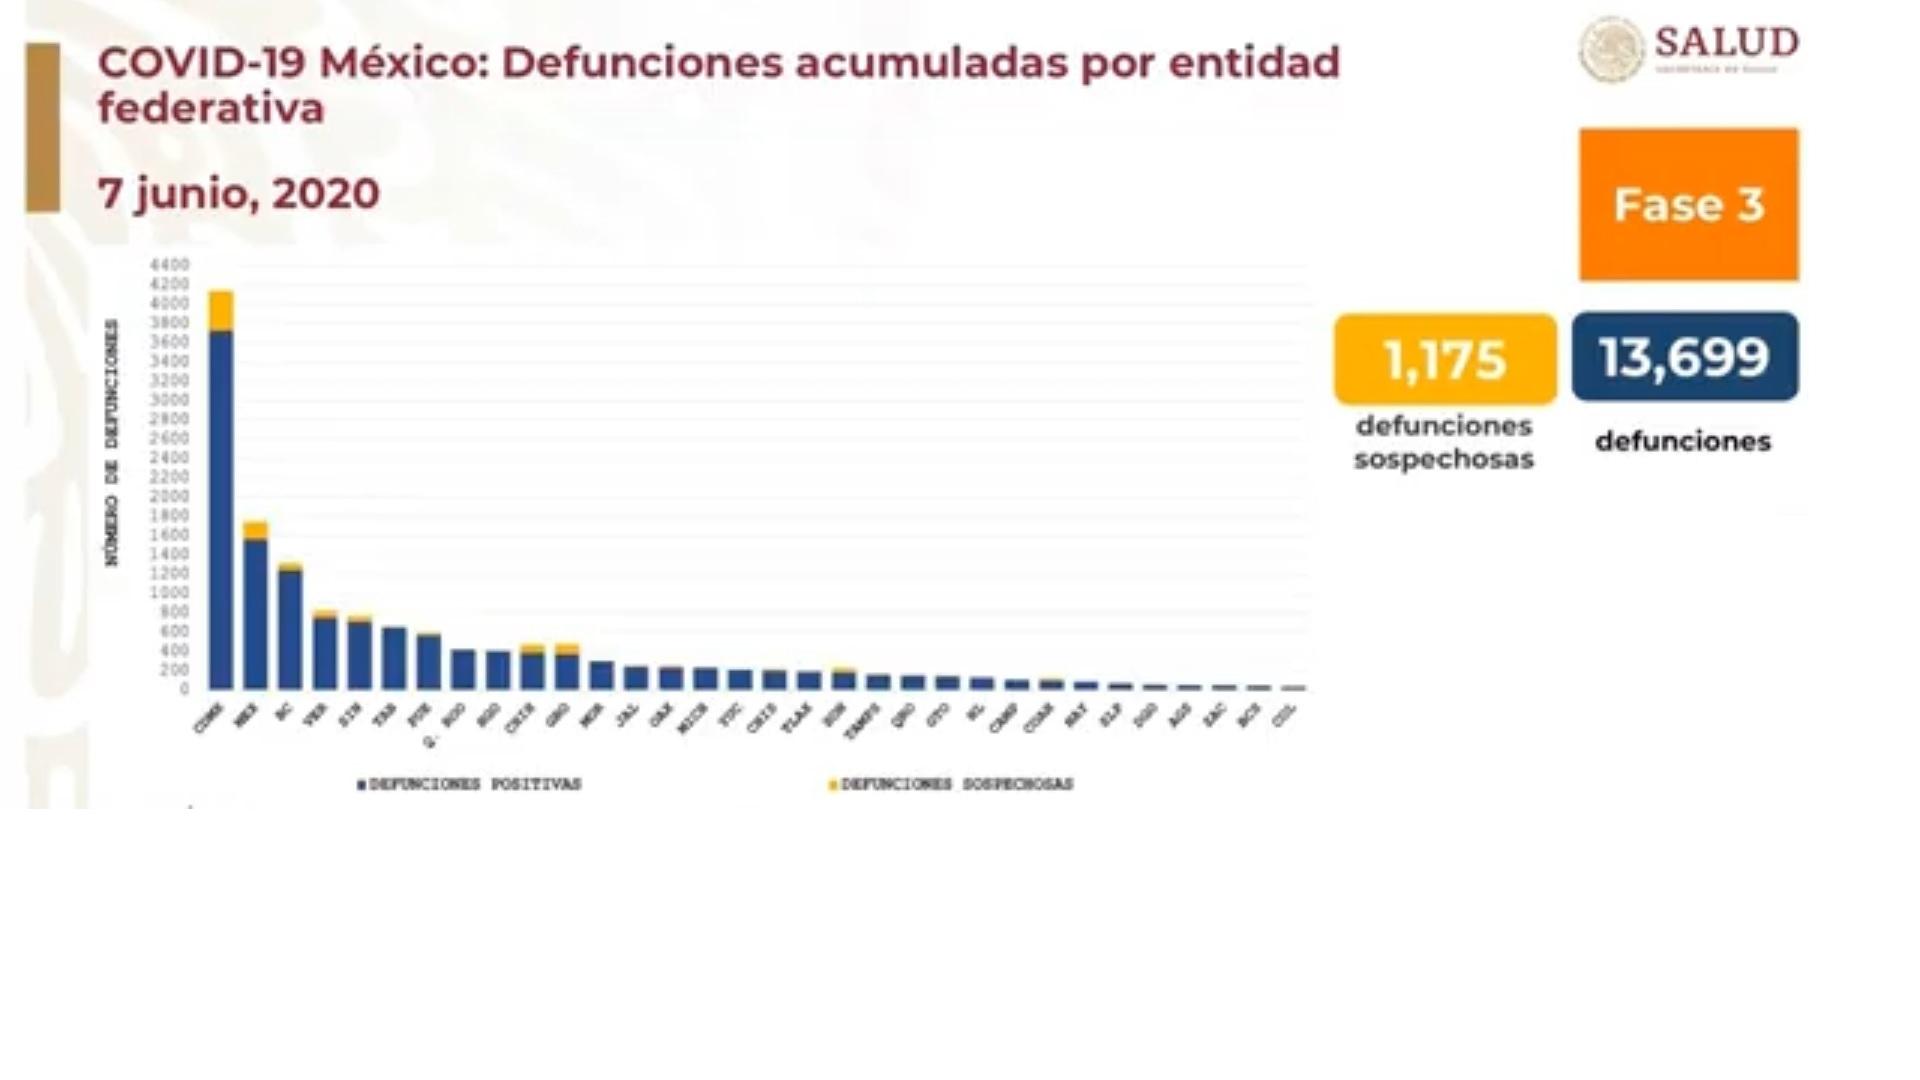 Defunciones por COVID 19. 100 días de pandemia en México